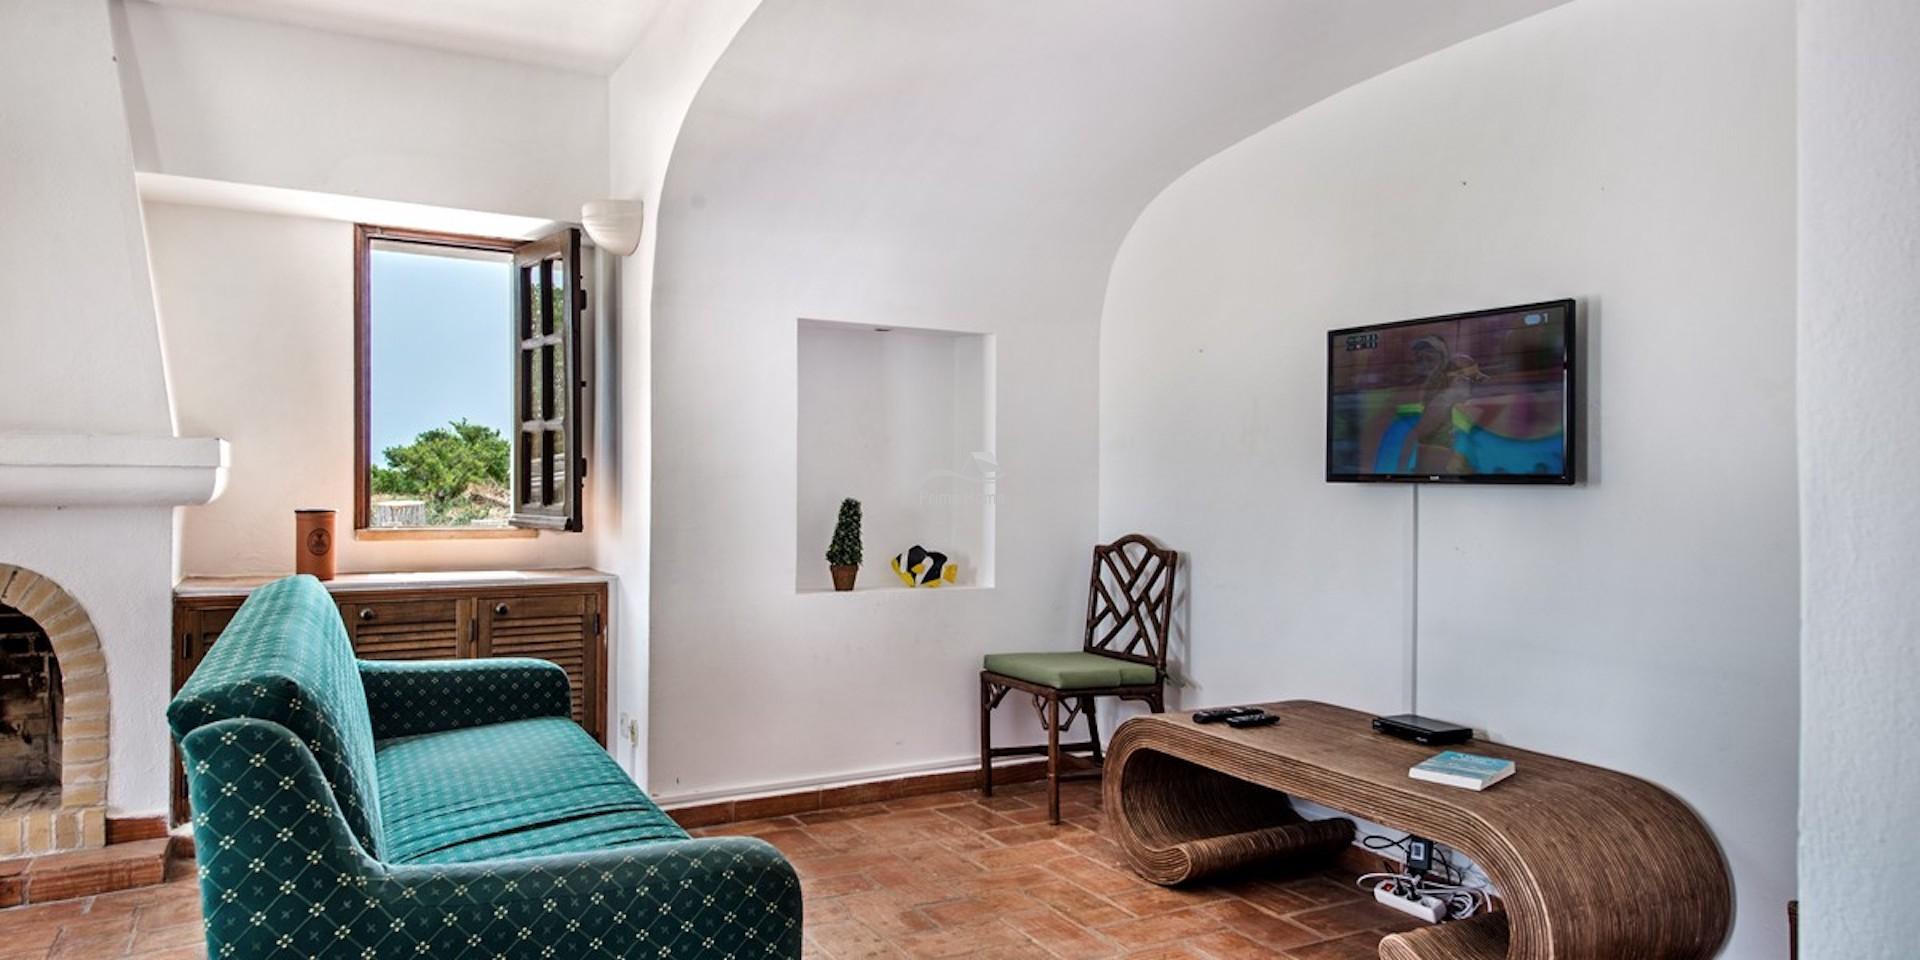 9 Bedroom Property For Sale In Fuzeta Algarve Portugal (31)